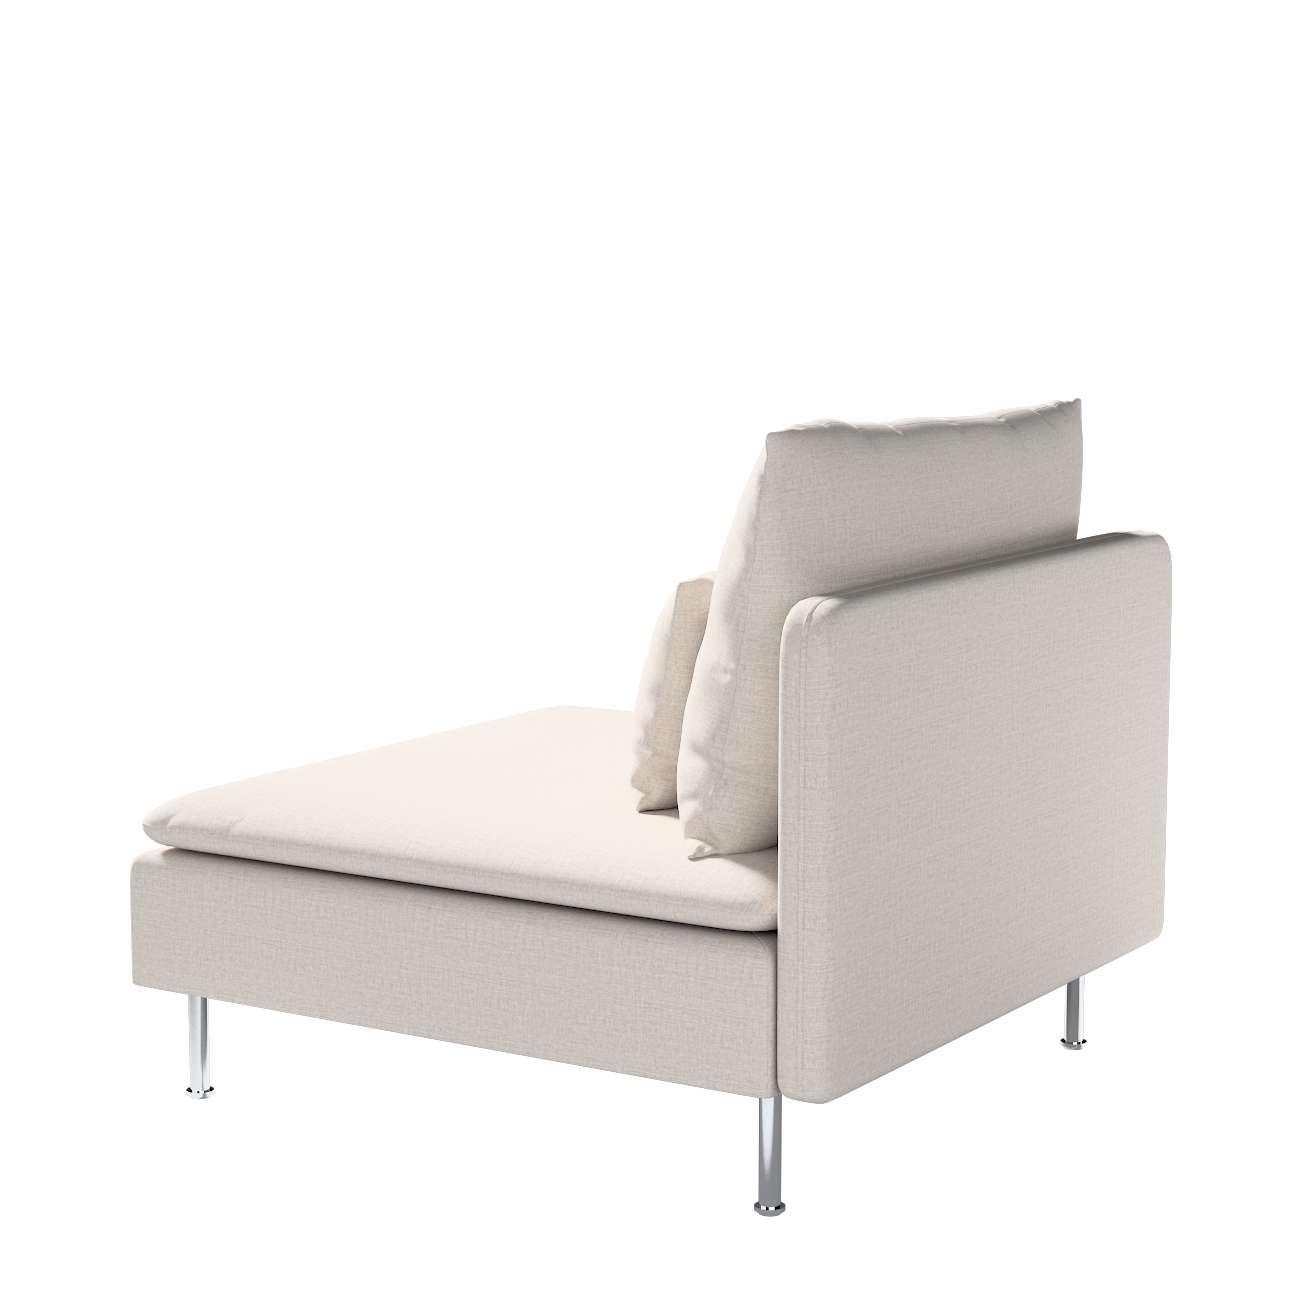 Bezug für Söderhamn Sitzelement 1 von der Kollektion Living II, Stoff: 161-00